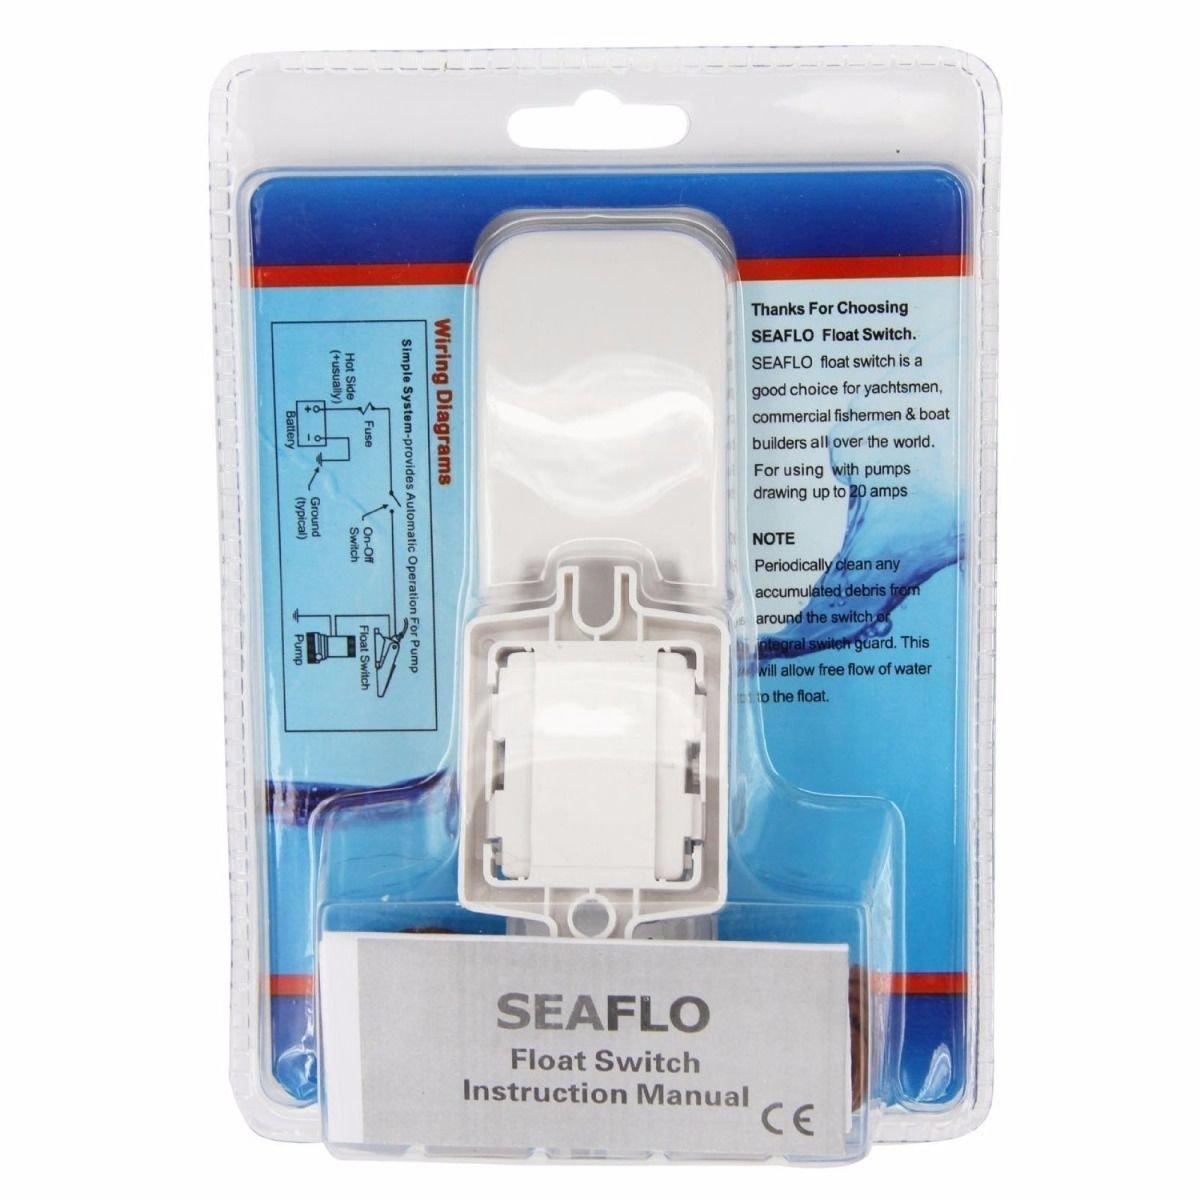 Seaflo Marine Boat Bilge Pump Float Switch - White: Amazon.co.uk ...